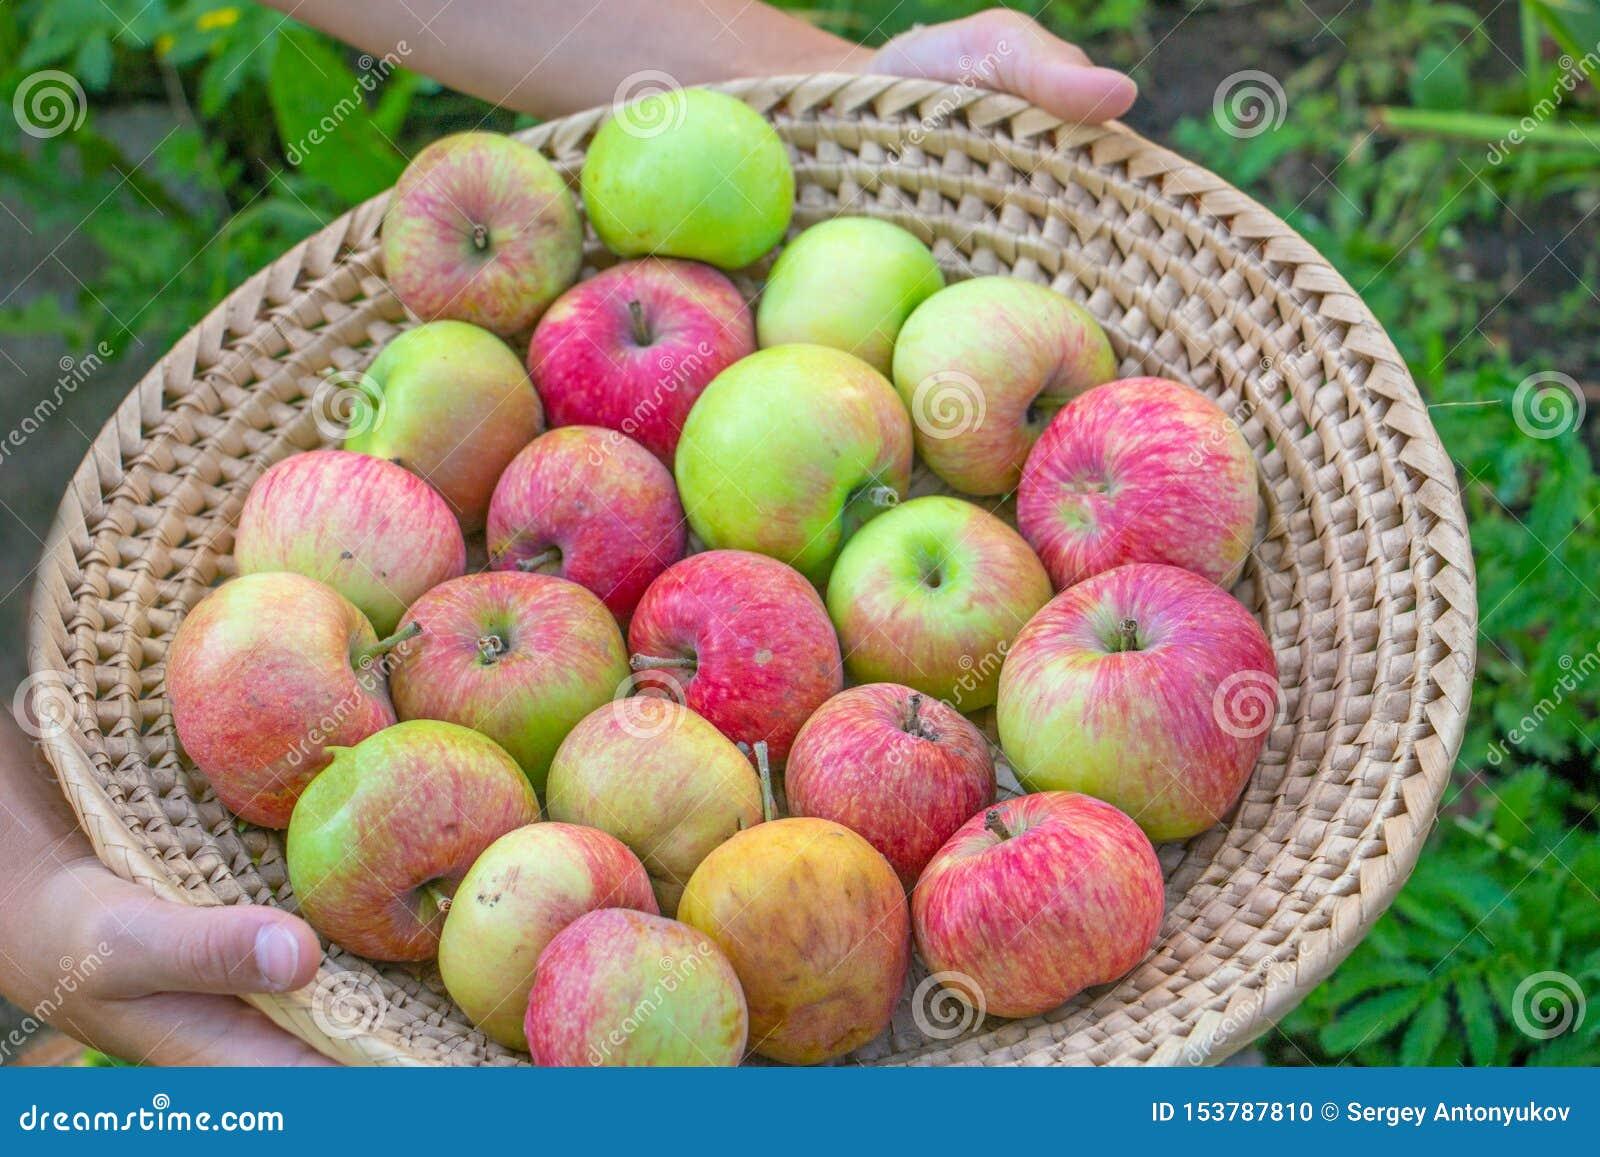 Junges Mädchen, das voll Weidenkorb von roten und gelben reifen Herbstäpfeln hält